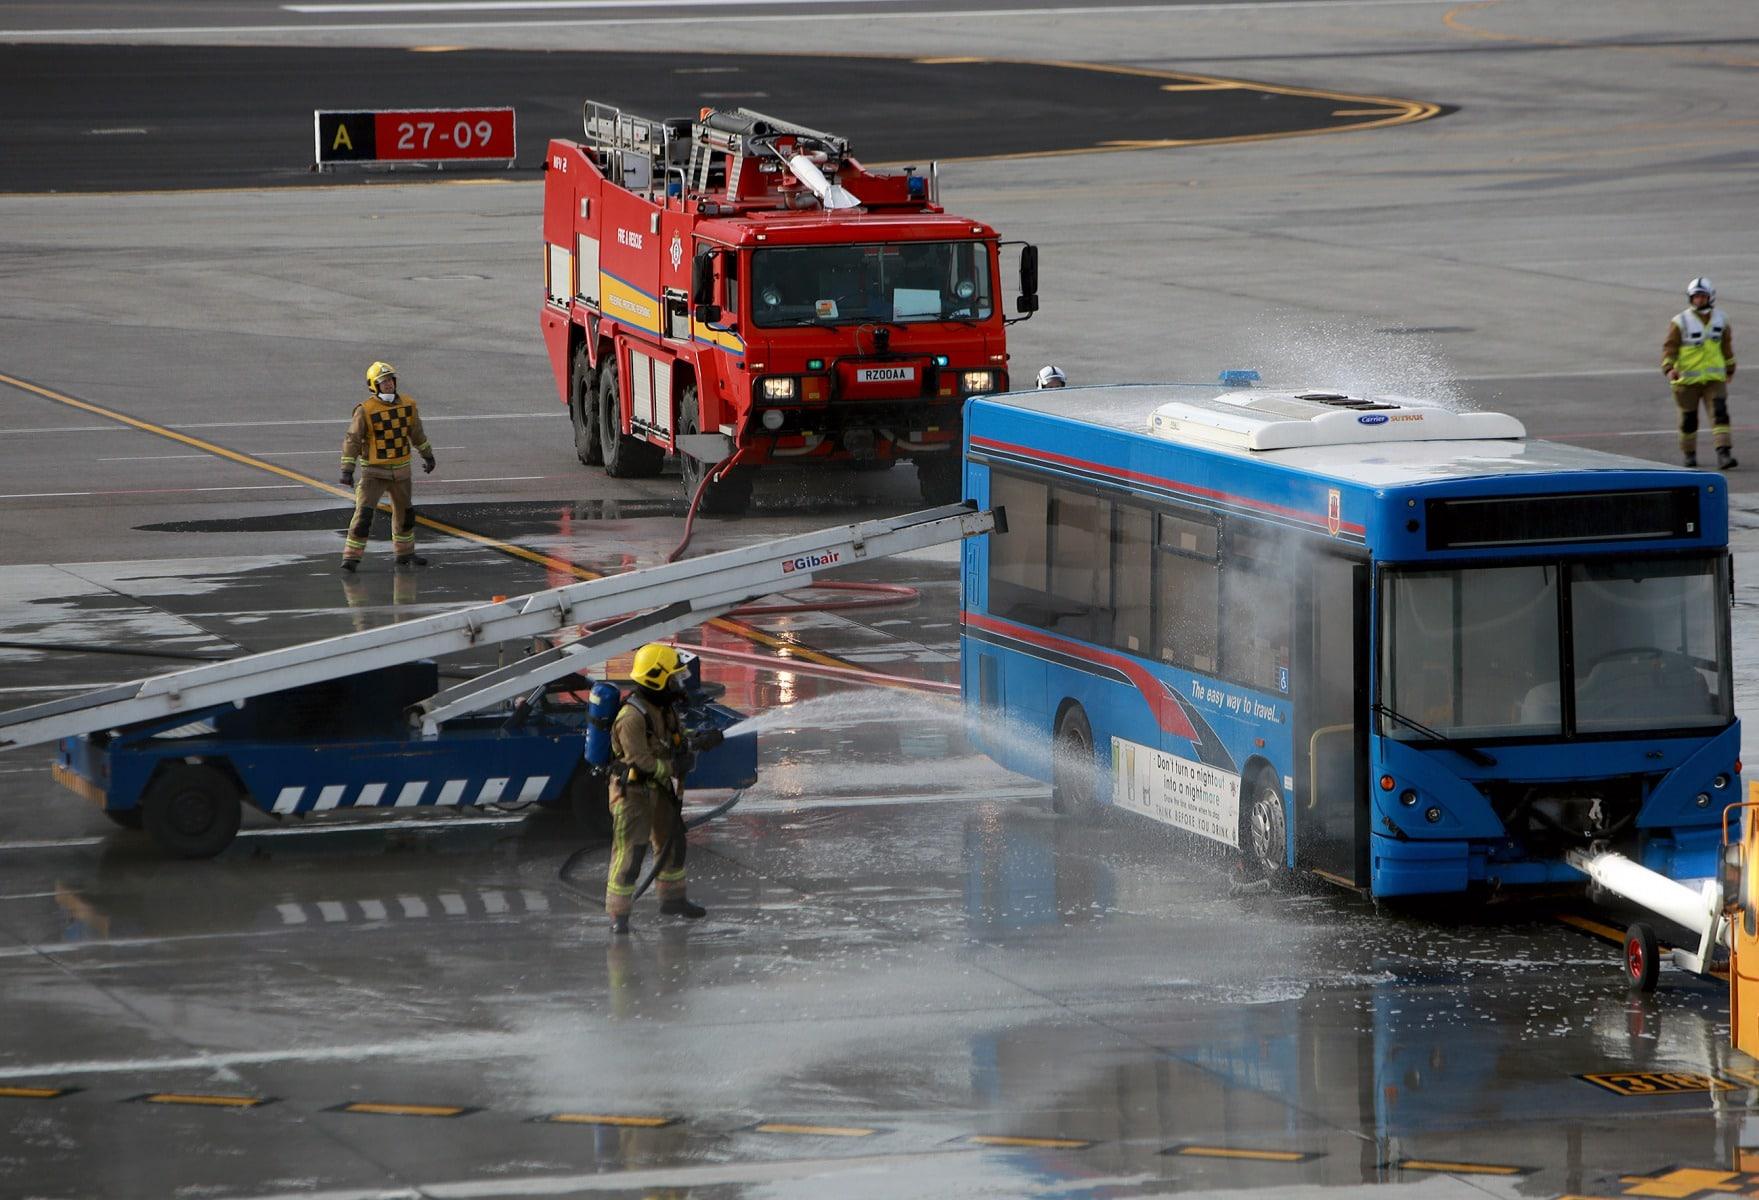 09-feb-2016-simulacro-de-incidente-en-el-aeropuerto-de-gibraltar_24288112443_o